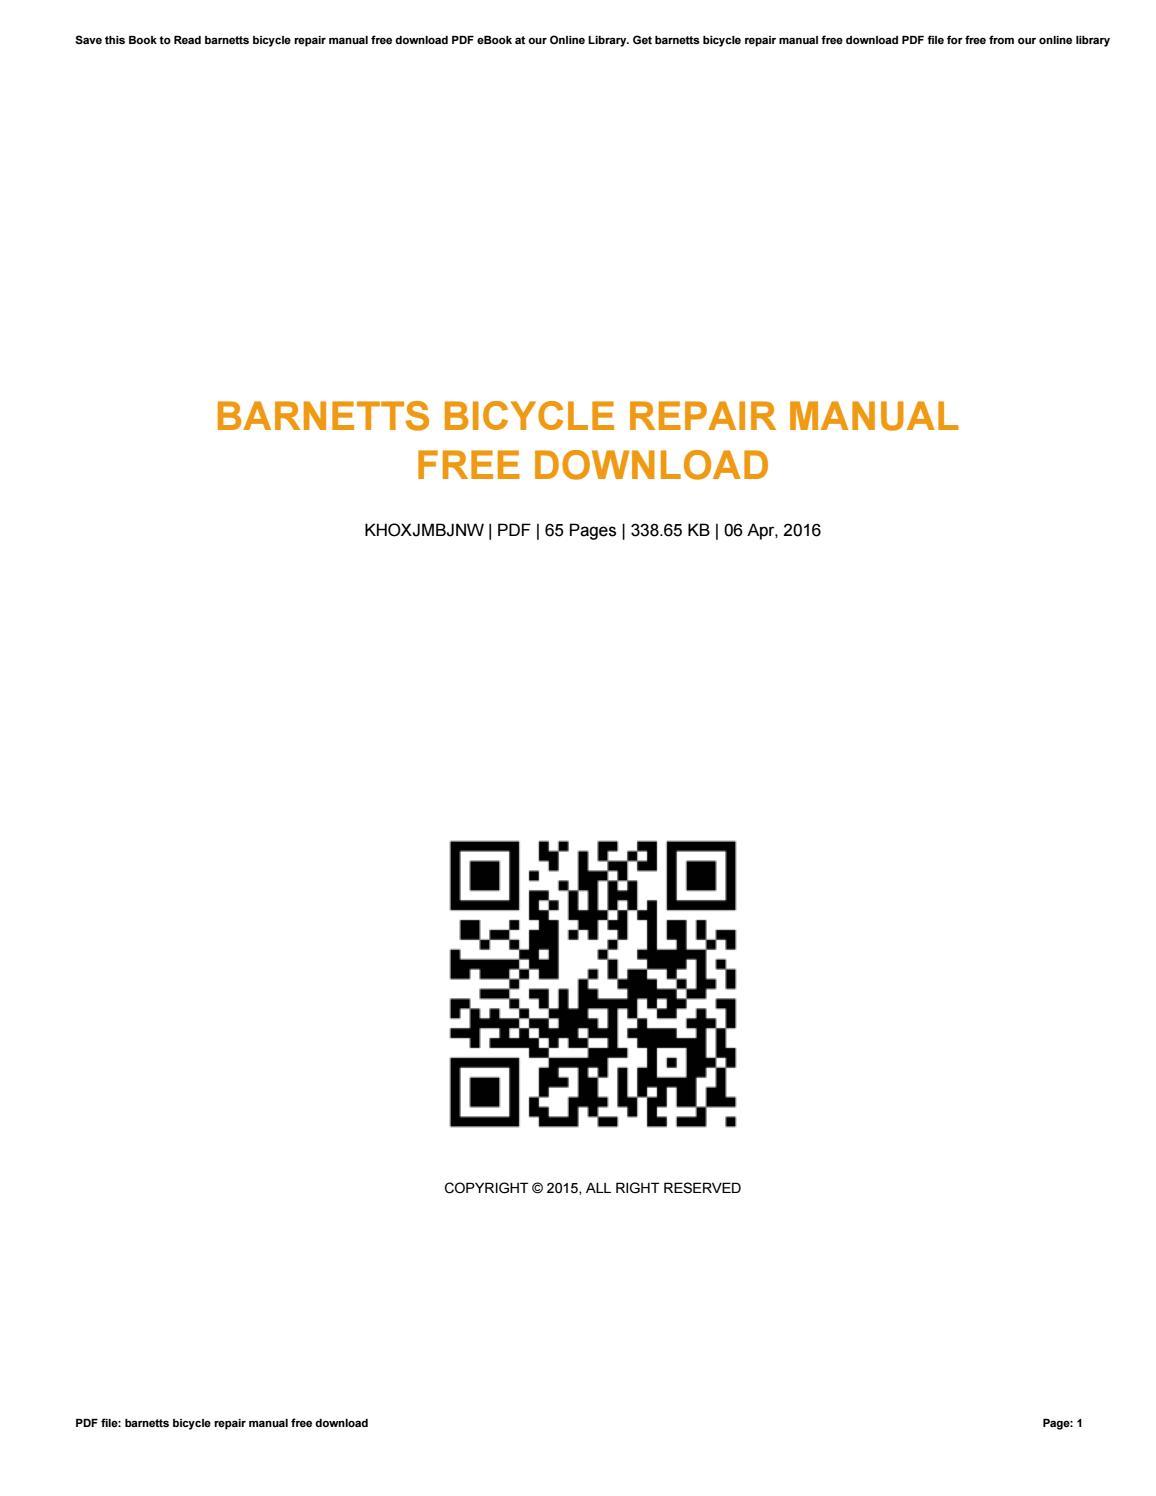 Barnetts bicycle repair manual free download by